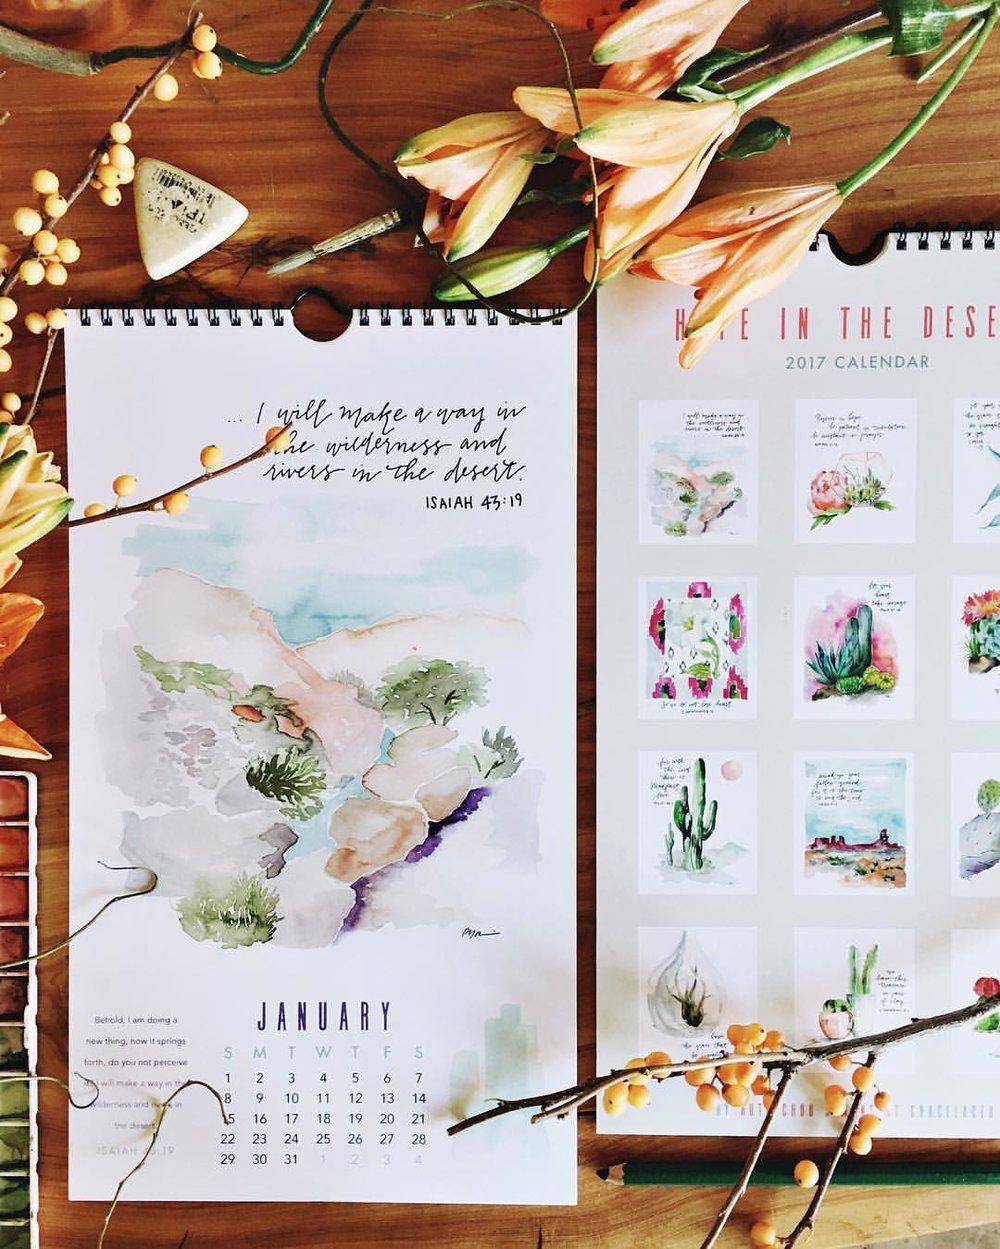 2017 Hope In The Desert Calendar | gracelaced.com